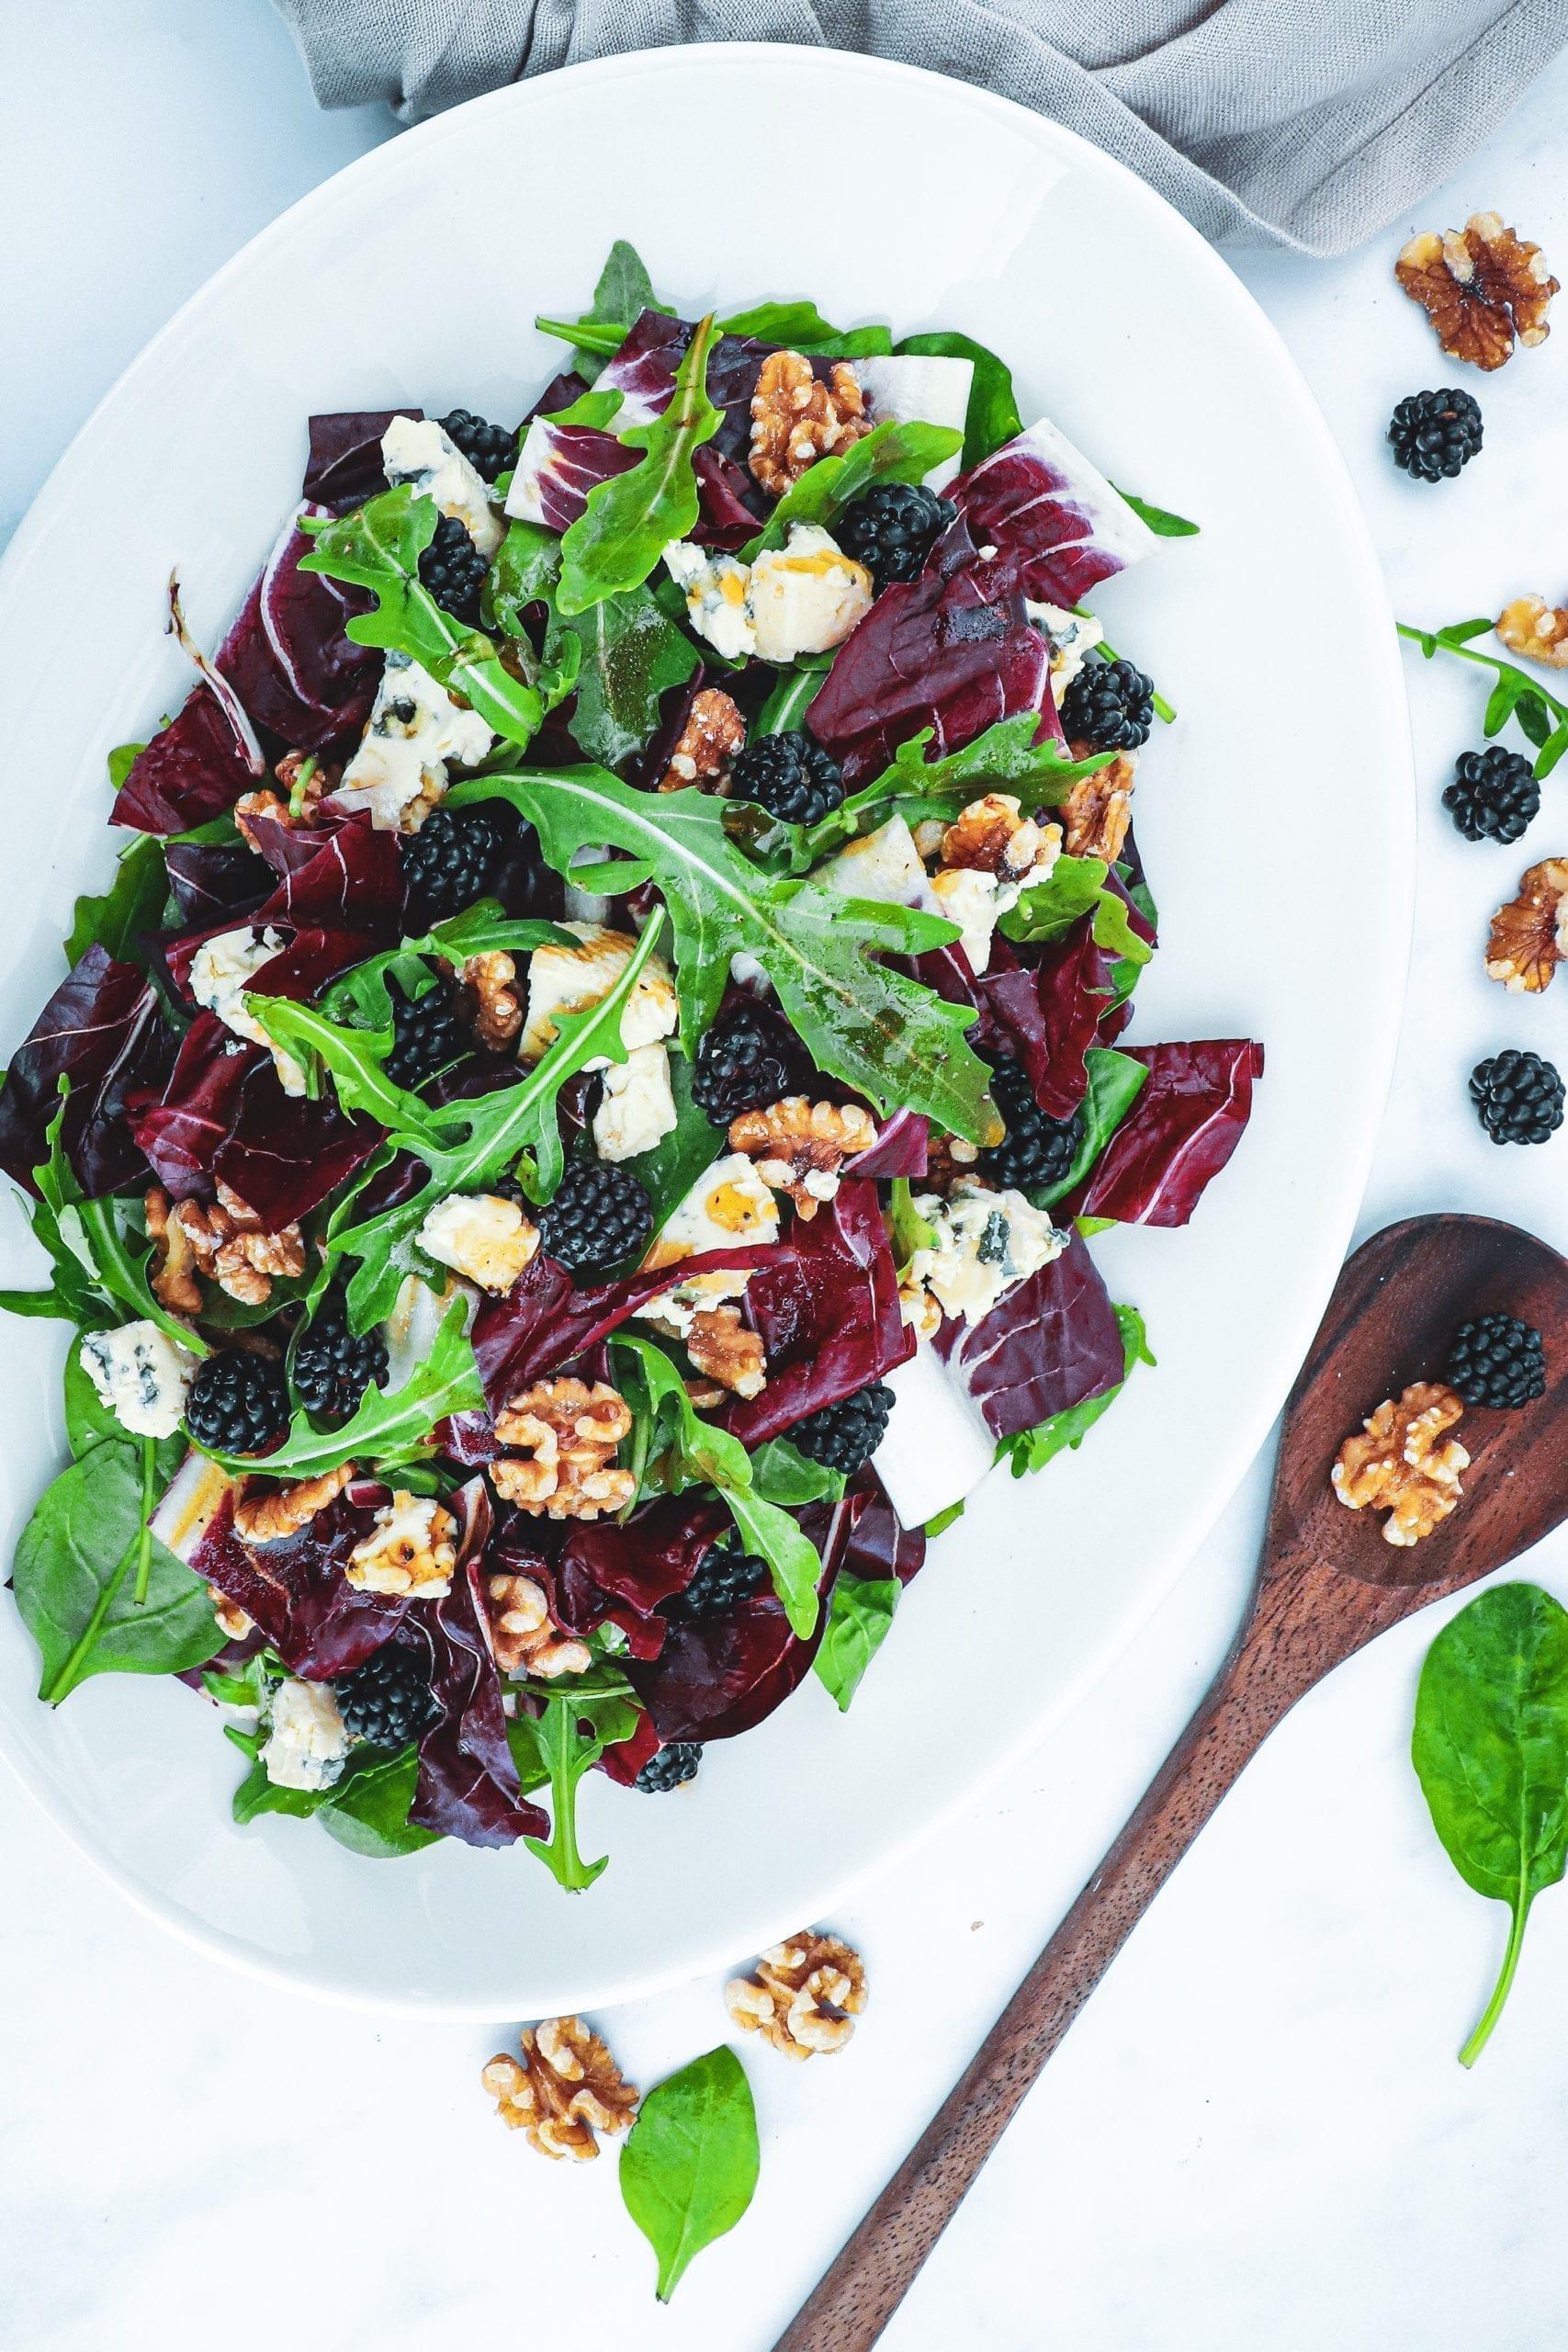 Salat med blåskimmel, valnødder og brombær - Opskrift på skønt tilbehør